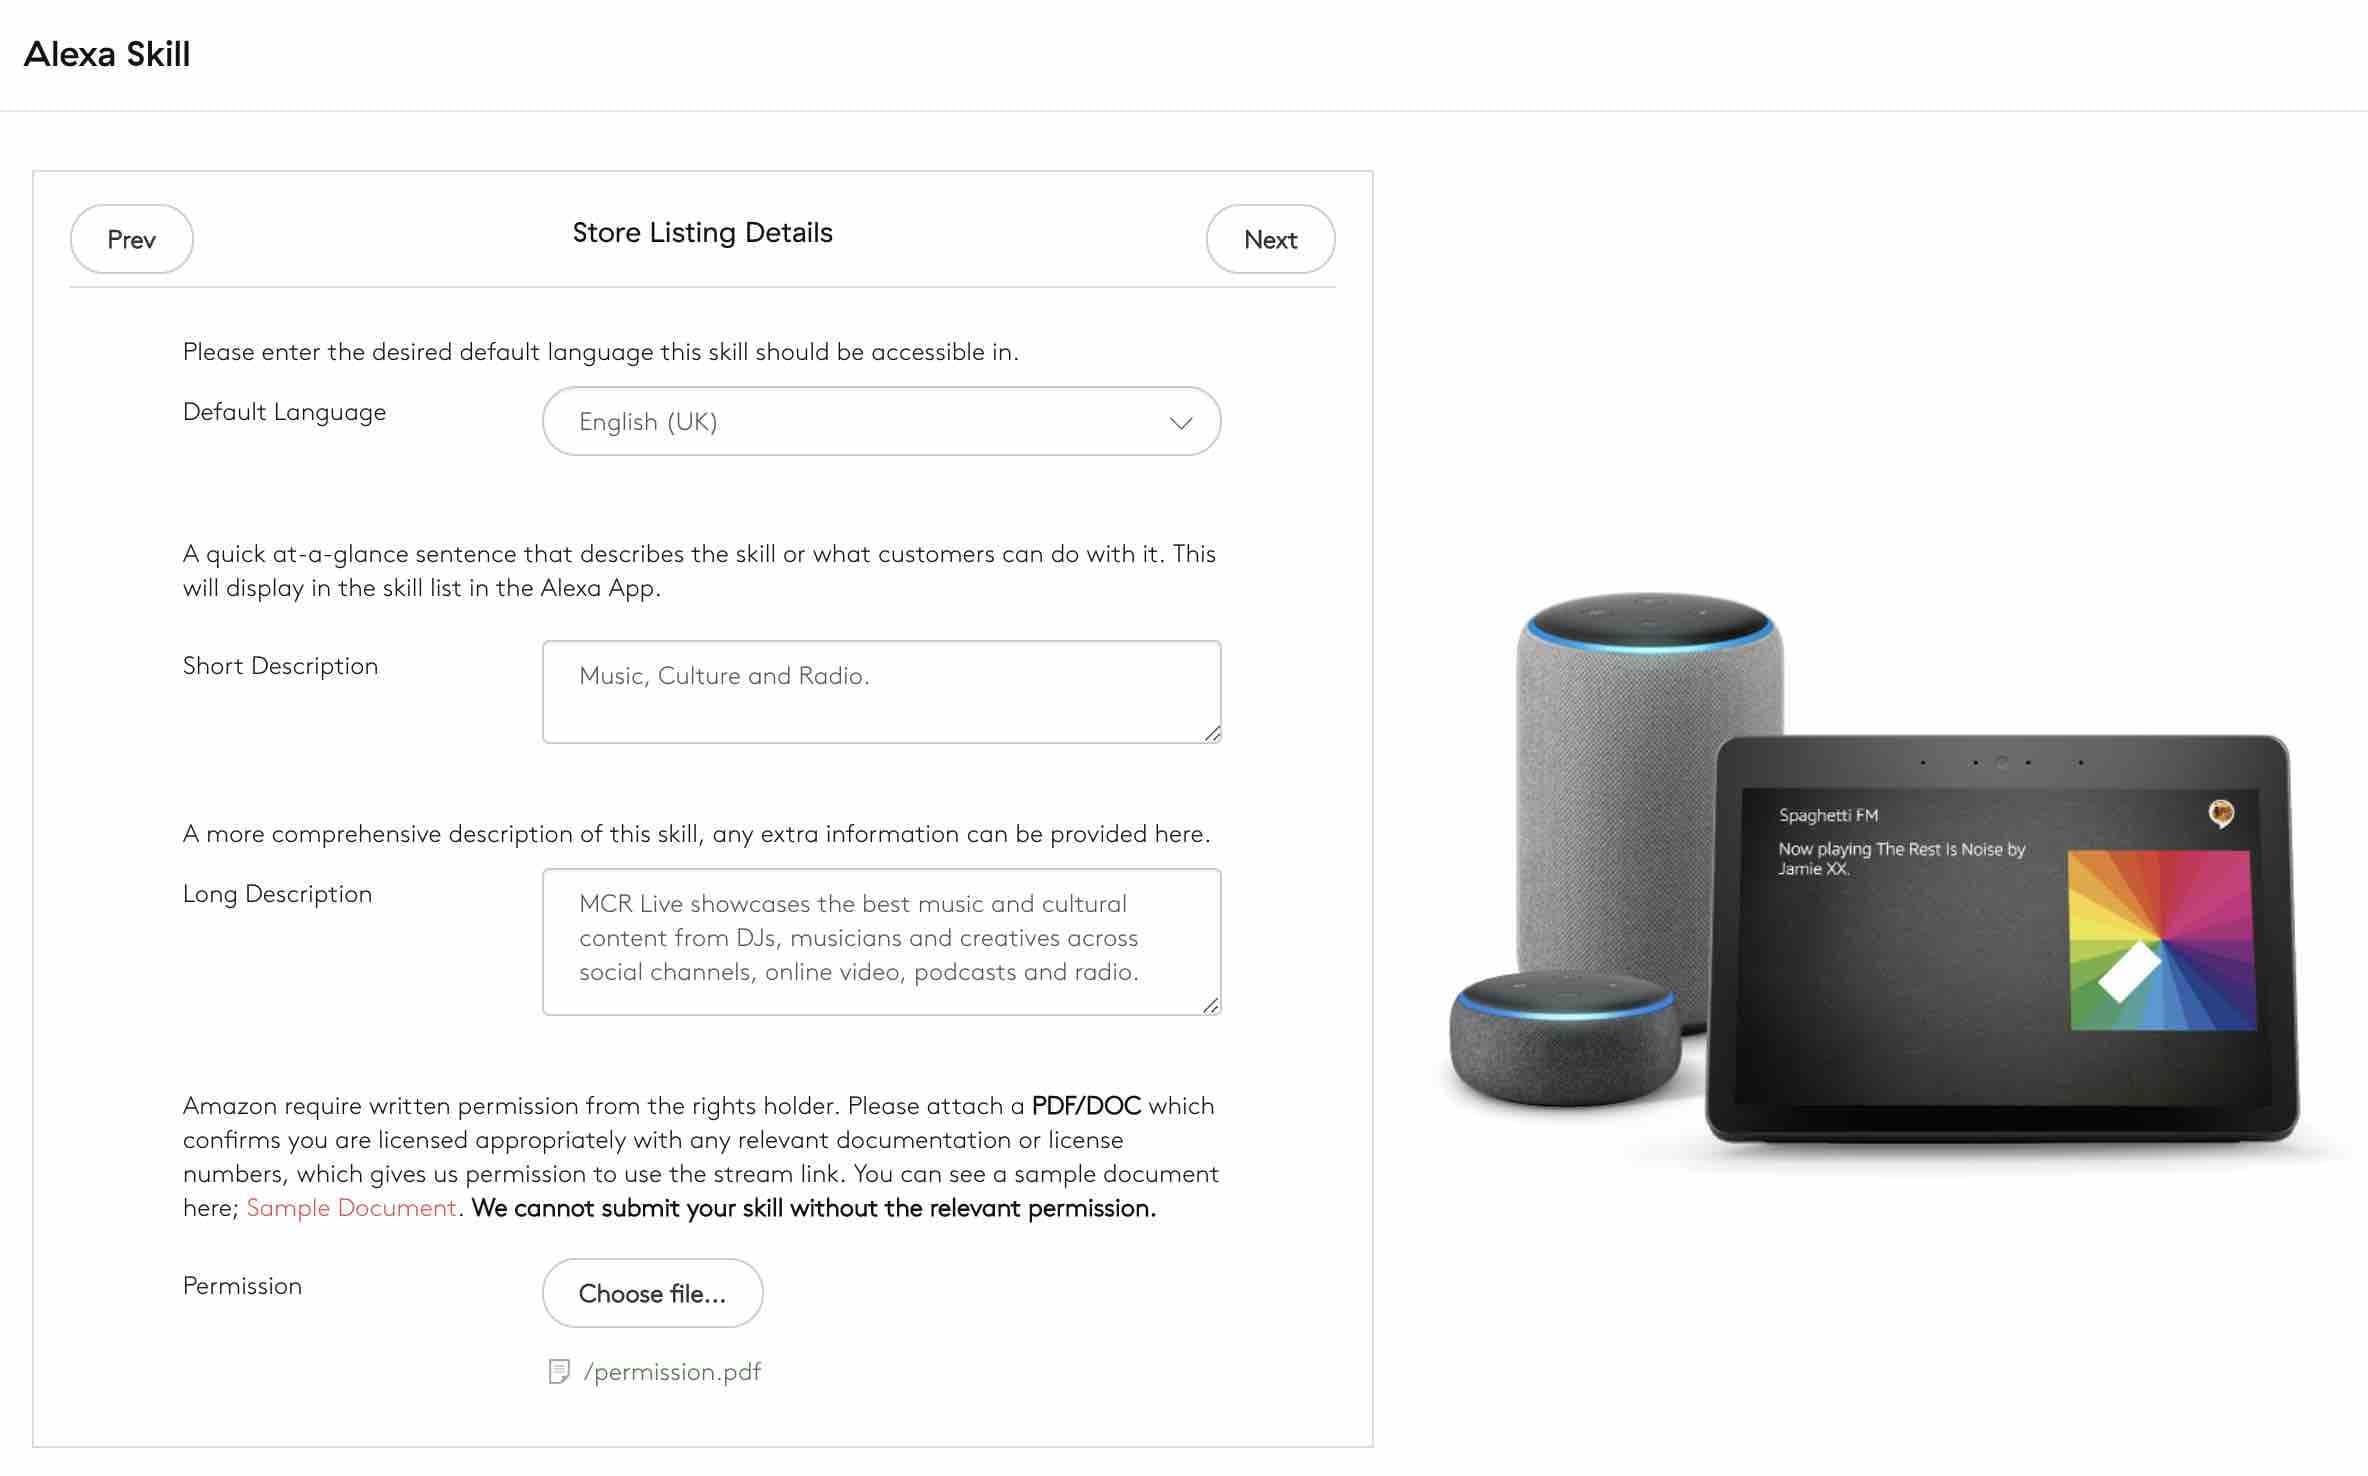 Amazon Alexa Skill Step 4